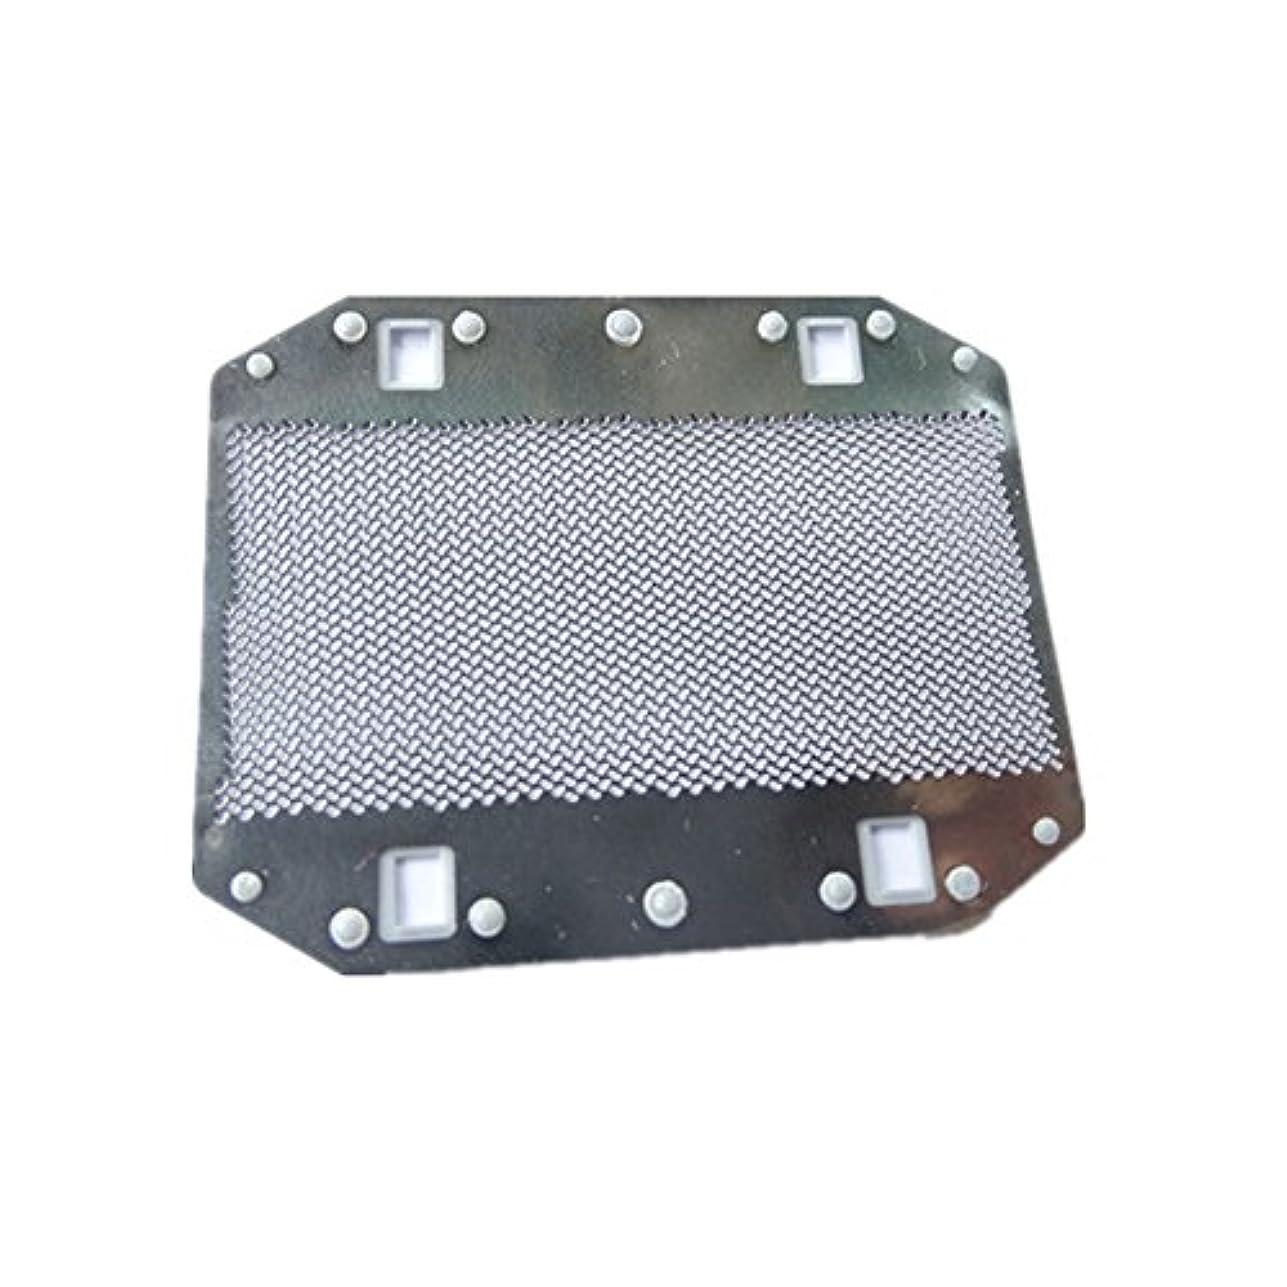 弱点真実唇HZjundasi シェーバー剃刀 Outer ホイル for Panasonic ES3050/376/317/RC40/RP20 ES9943C